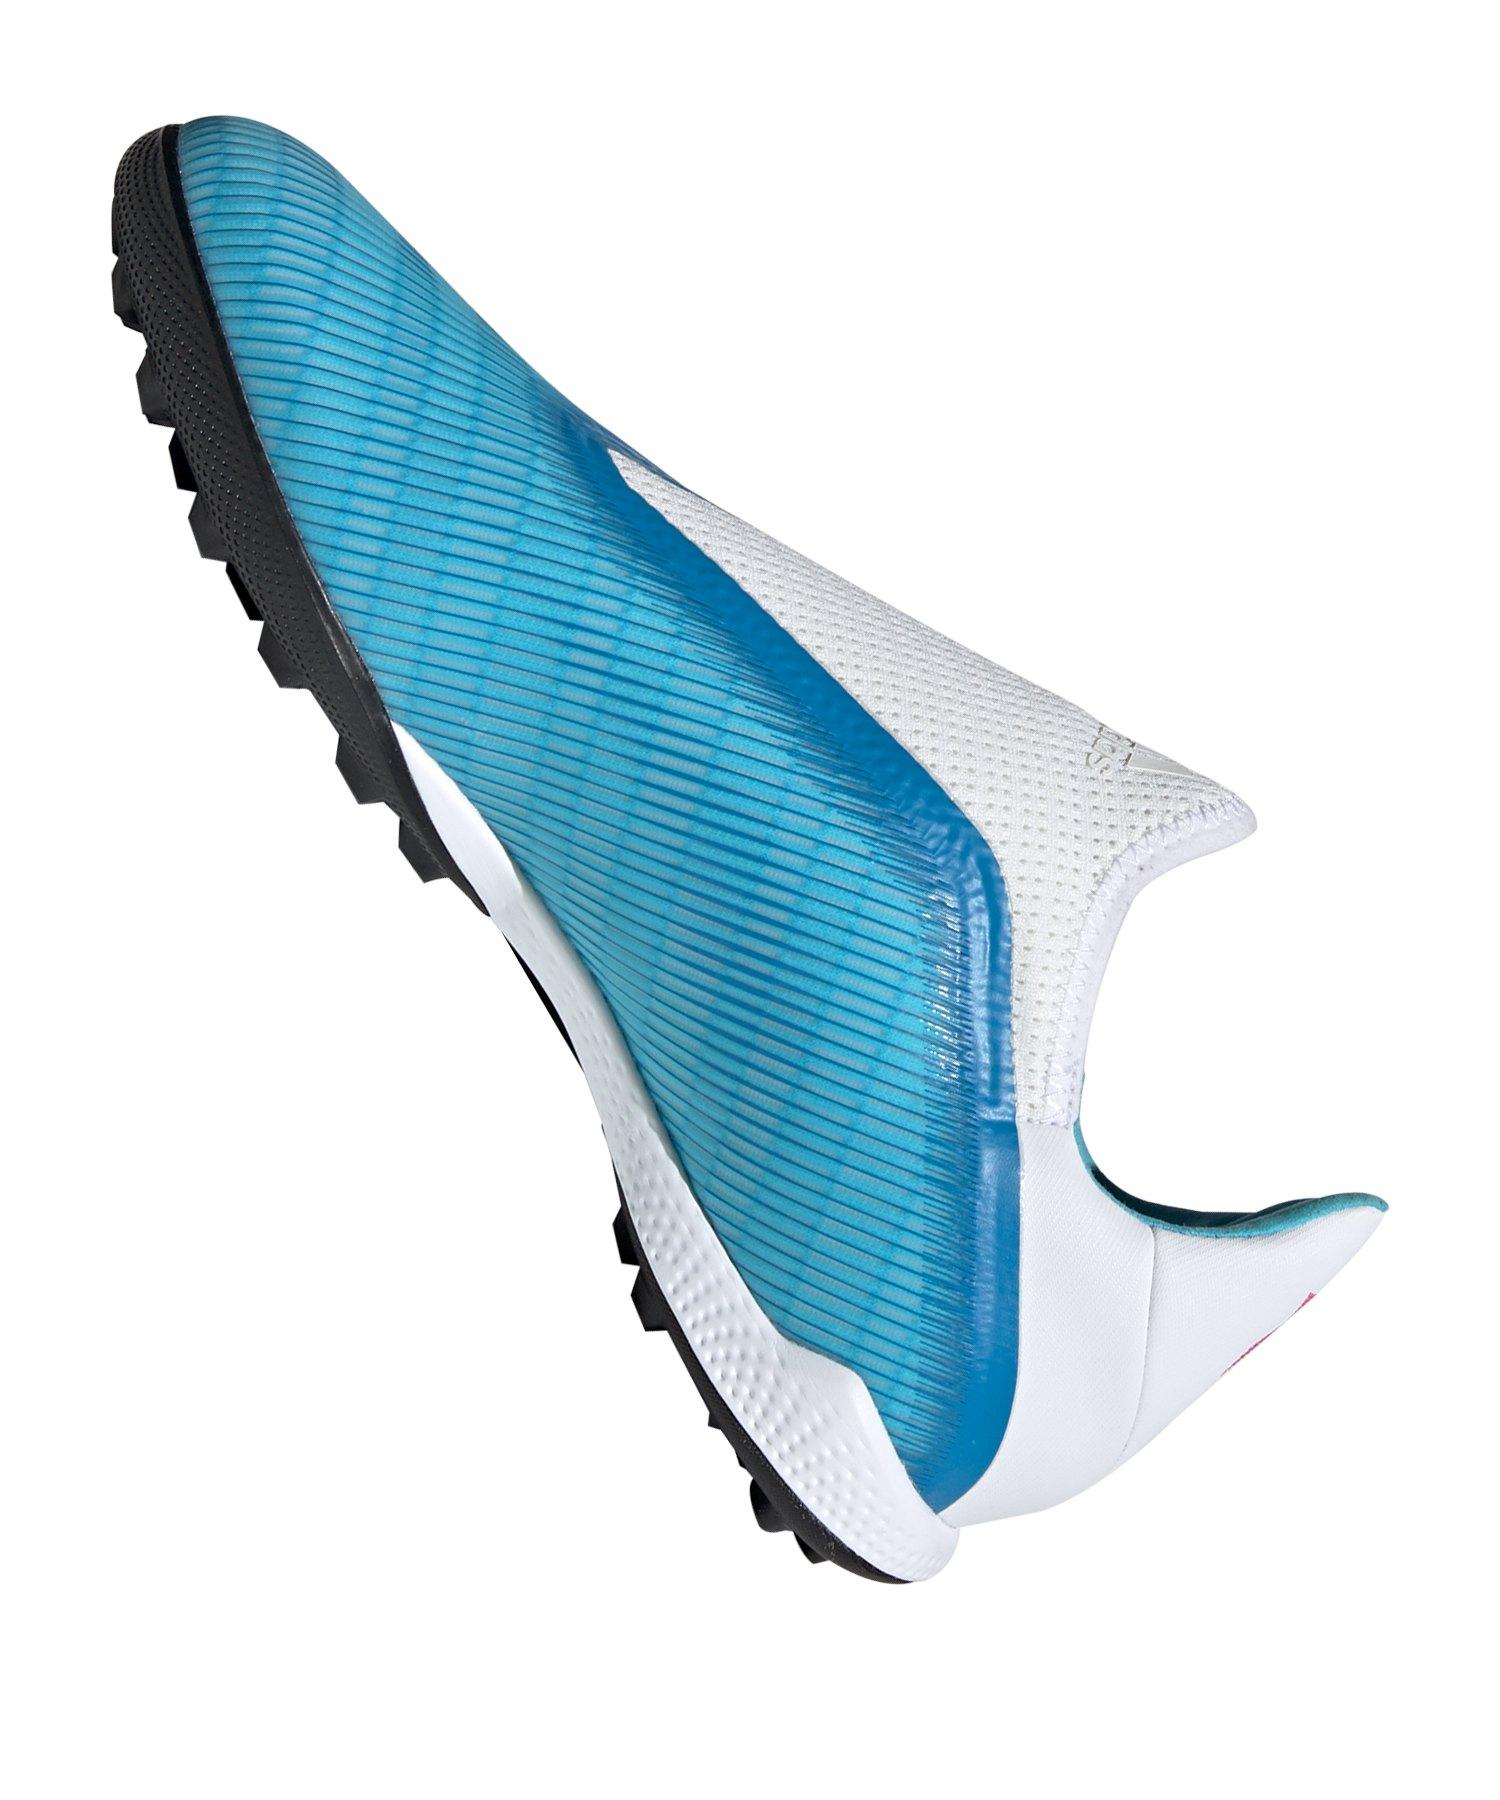 adidas X 19+ FG Blau Weiss Schwarz